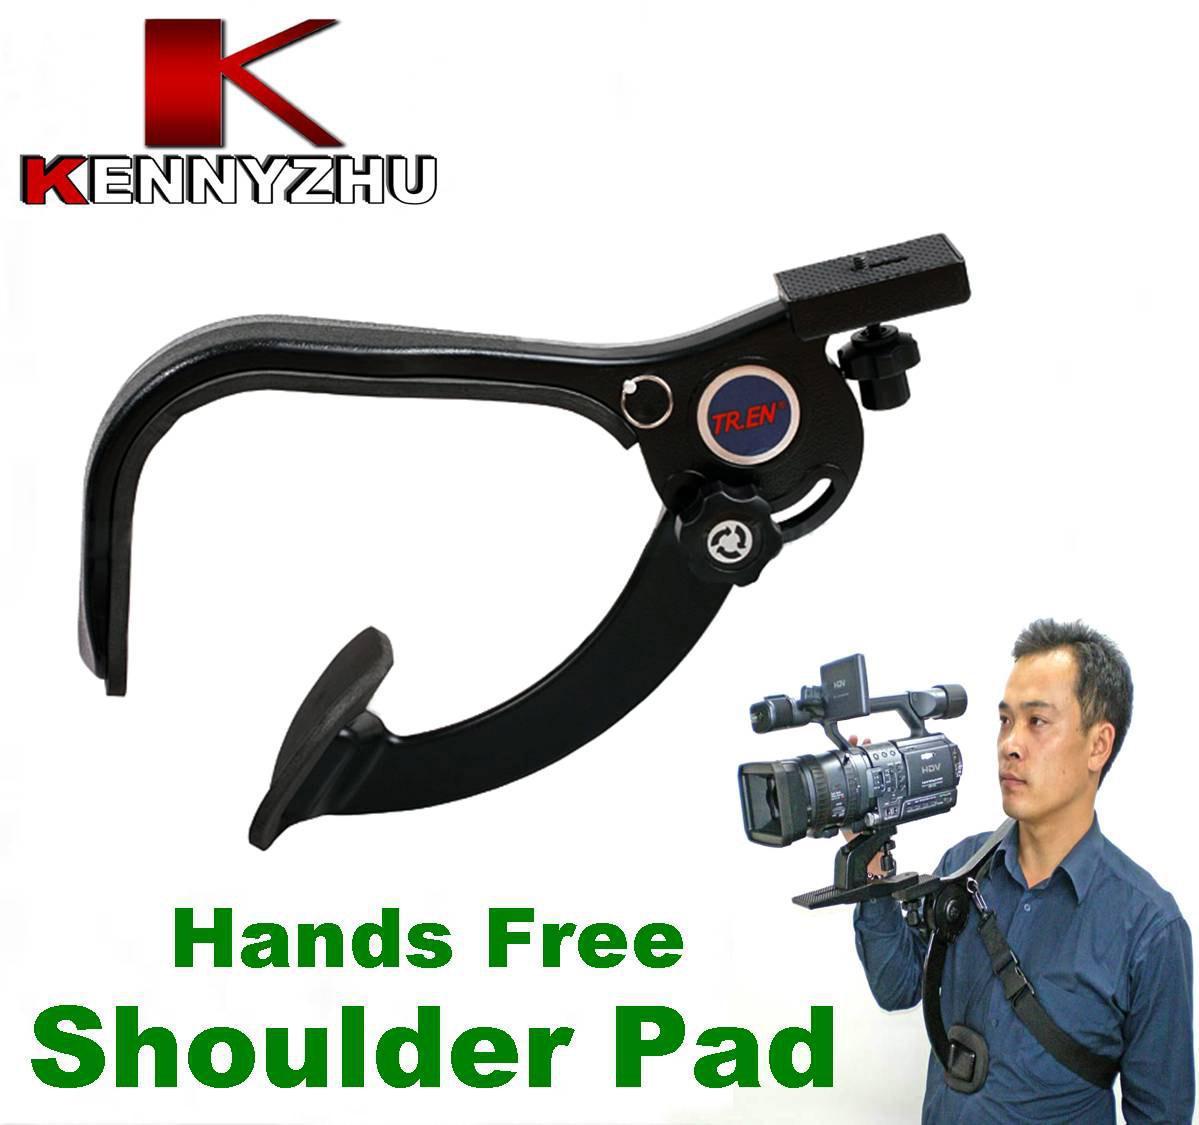 Camera Dslr Video Camera Stabilizer dslr shoulder support pad stabilizer for 6kg video cameras dv see larger image